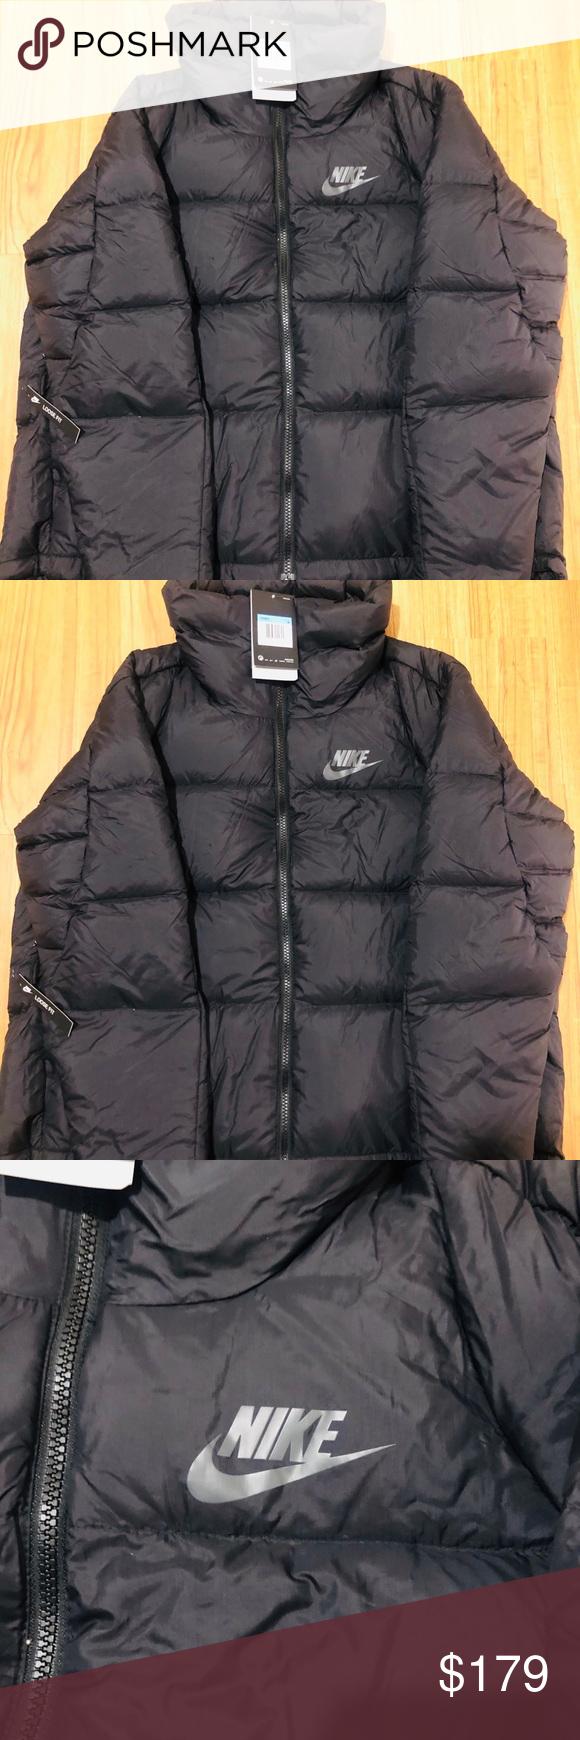 Women S Nike Puffer Jacket Msrp 250 Nike Puffer Jacket Jackets Puffer Jackets [ png ]